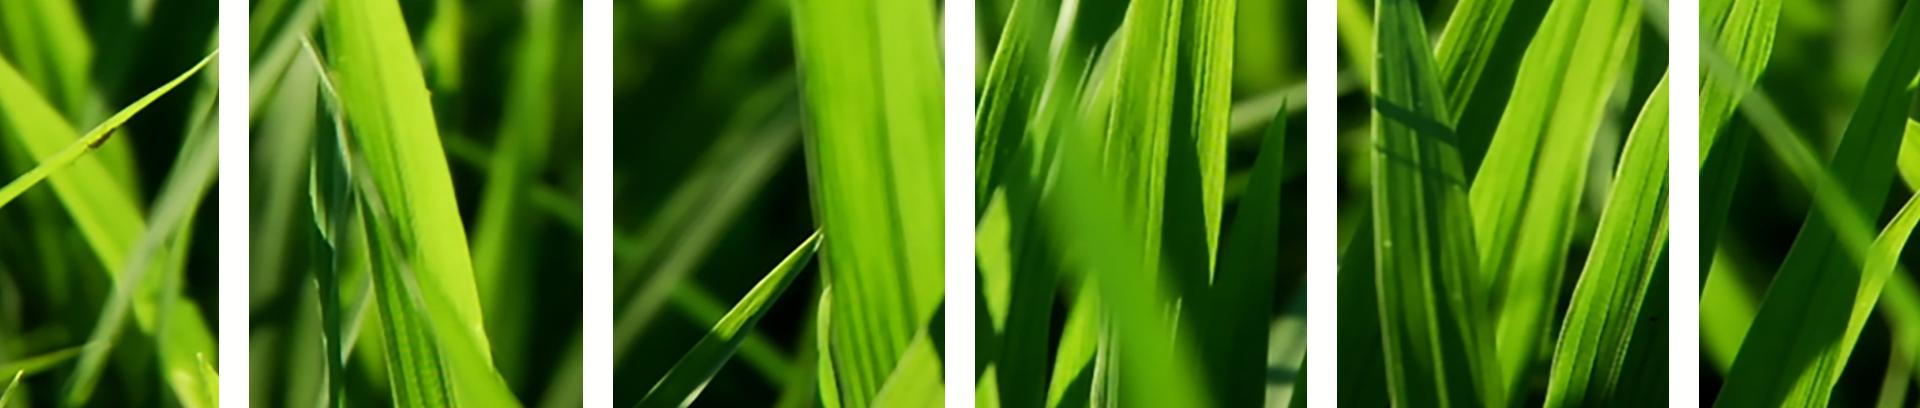 трава2